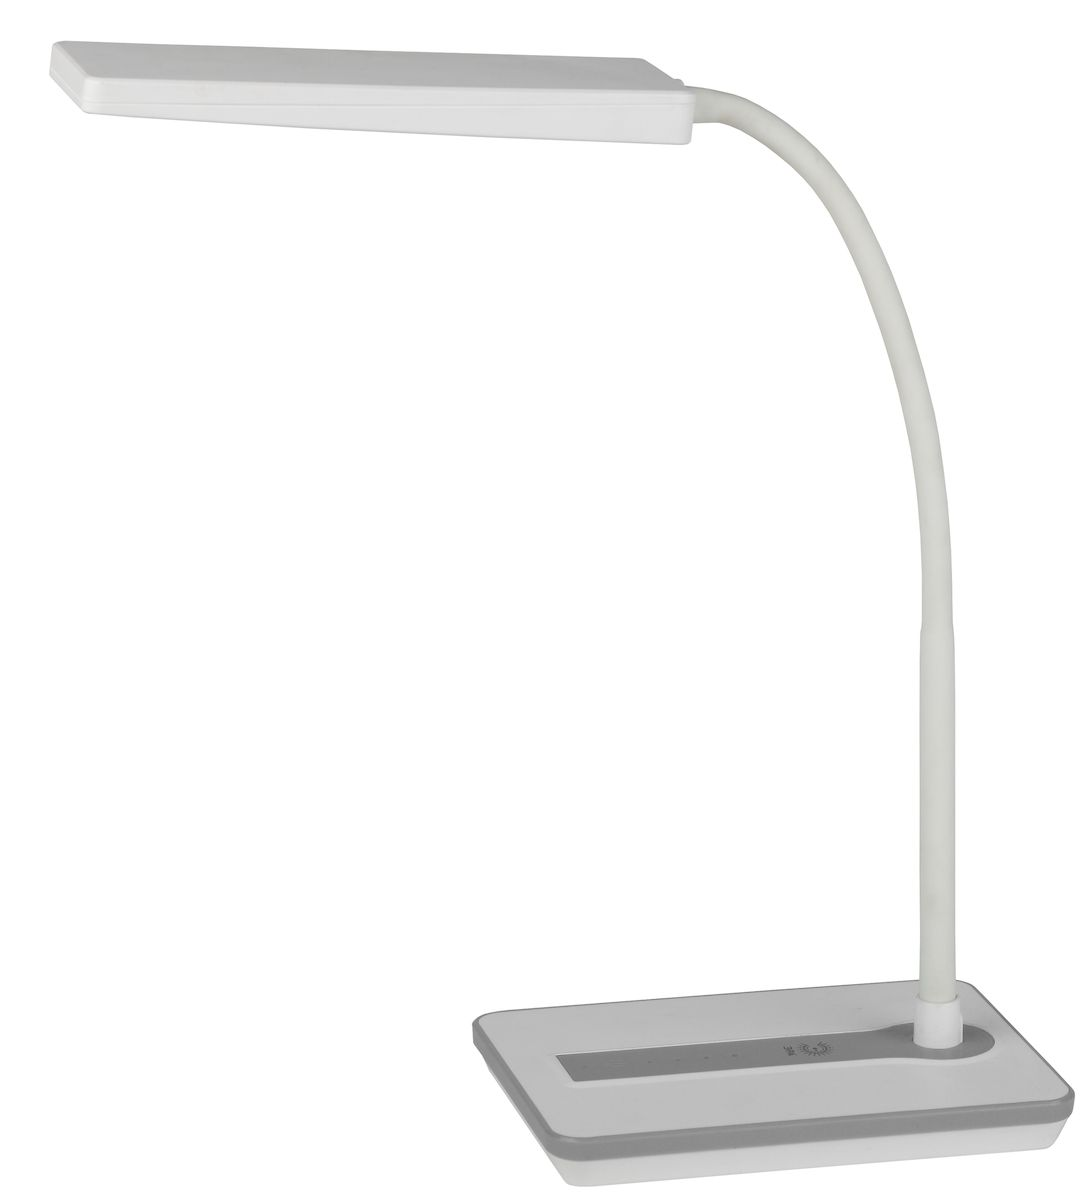 Светильник со светодиодами (LED) в качестве источников света, которые экономят до 90% электроэнергии и не требуют замены на протяжении всего срока службы светильника.Сенсорный переключатель на основании.Четырехступенчатый диммер для регулировки яркости.Высота плафона регулируется гибкой стойкой, направление света регулируется поворотом плафона в любом направлении.Теплый свет, аналогичный свету лампы накаливания - цветовая температура 3000К.